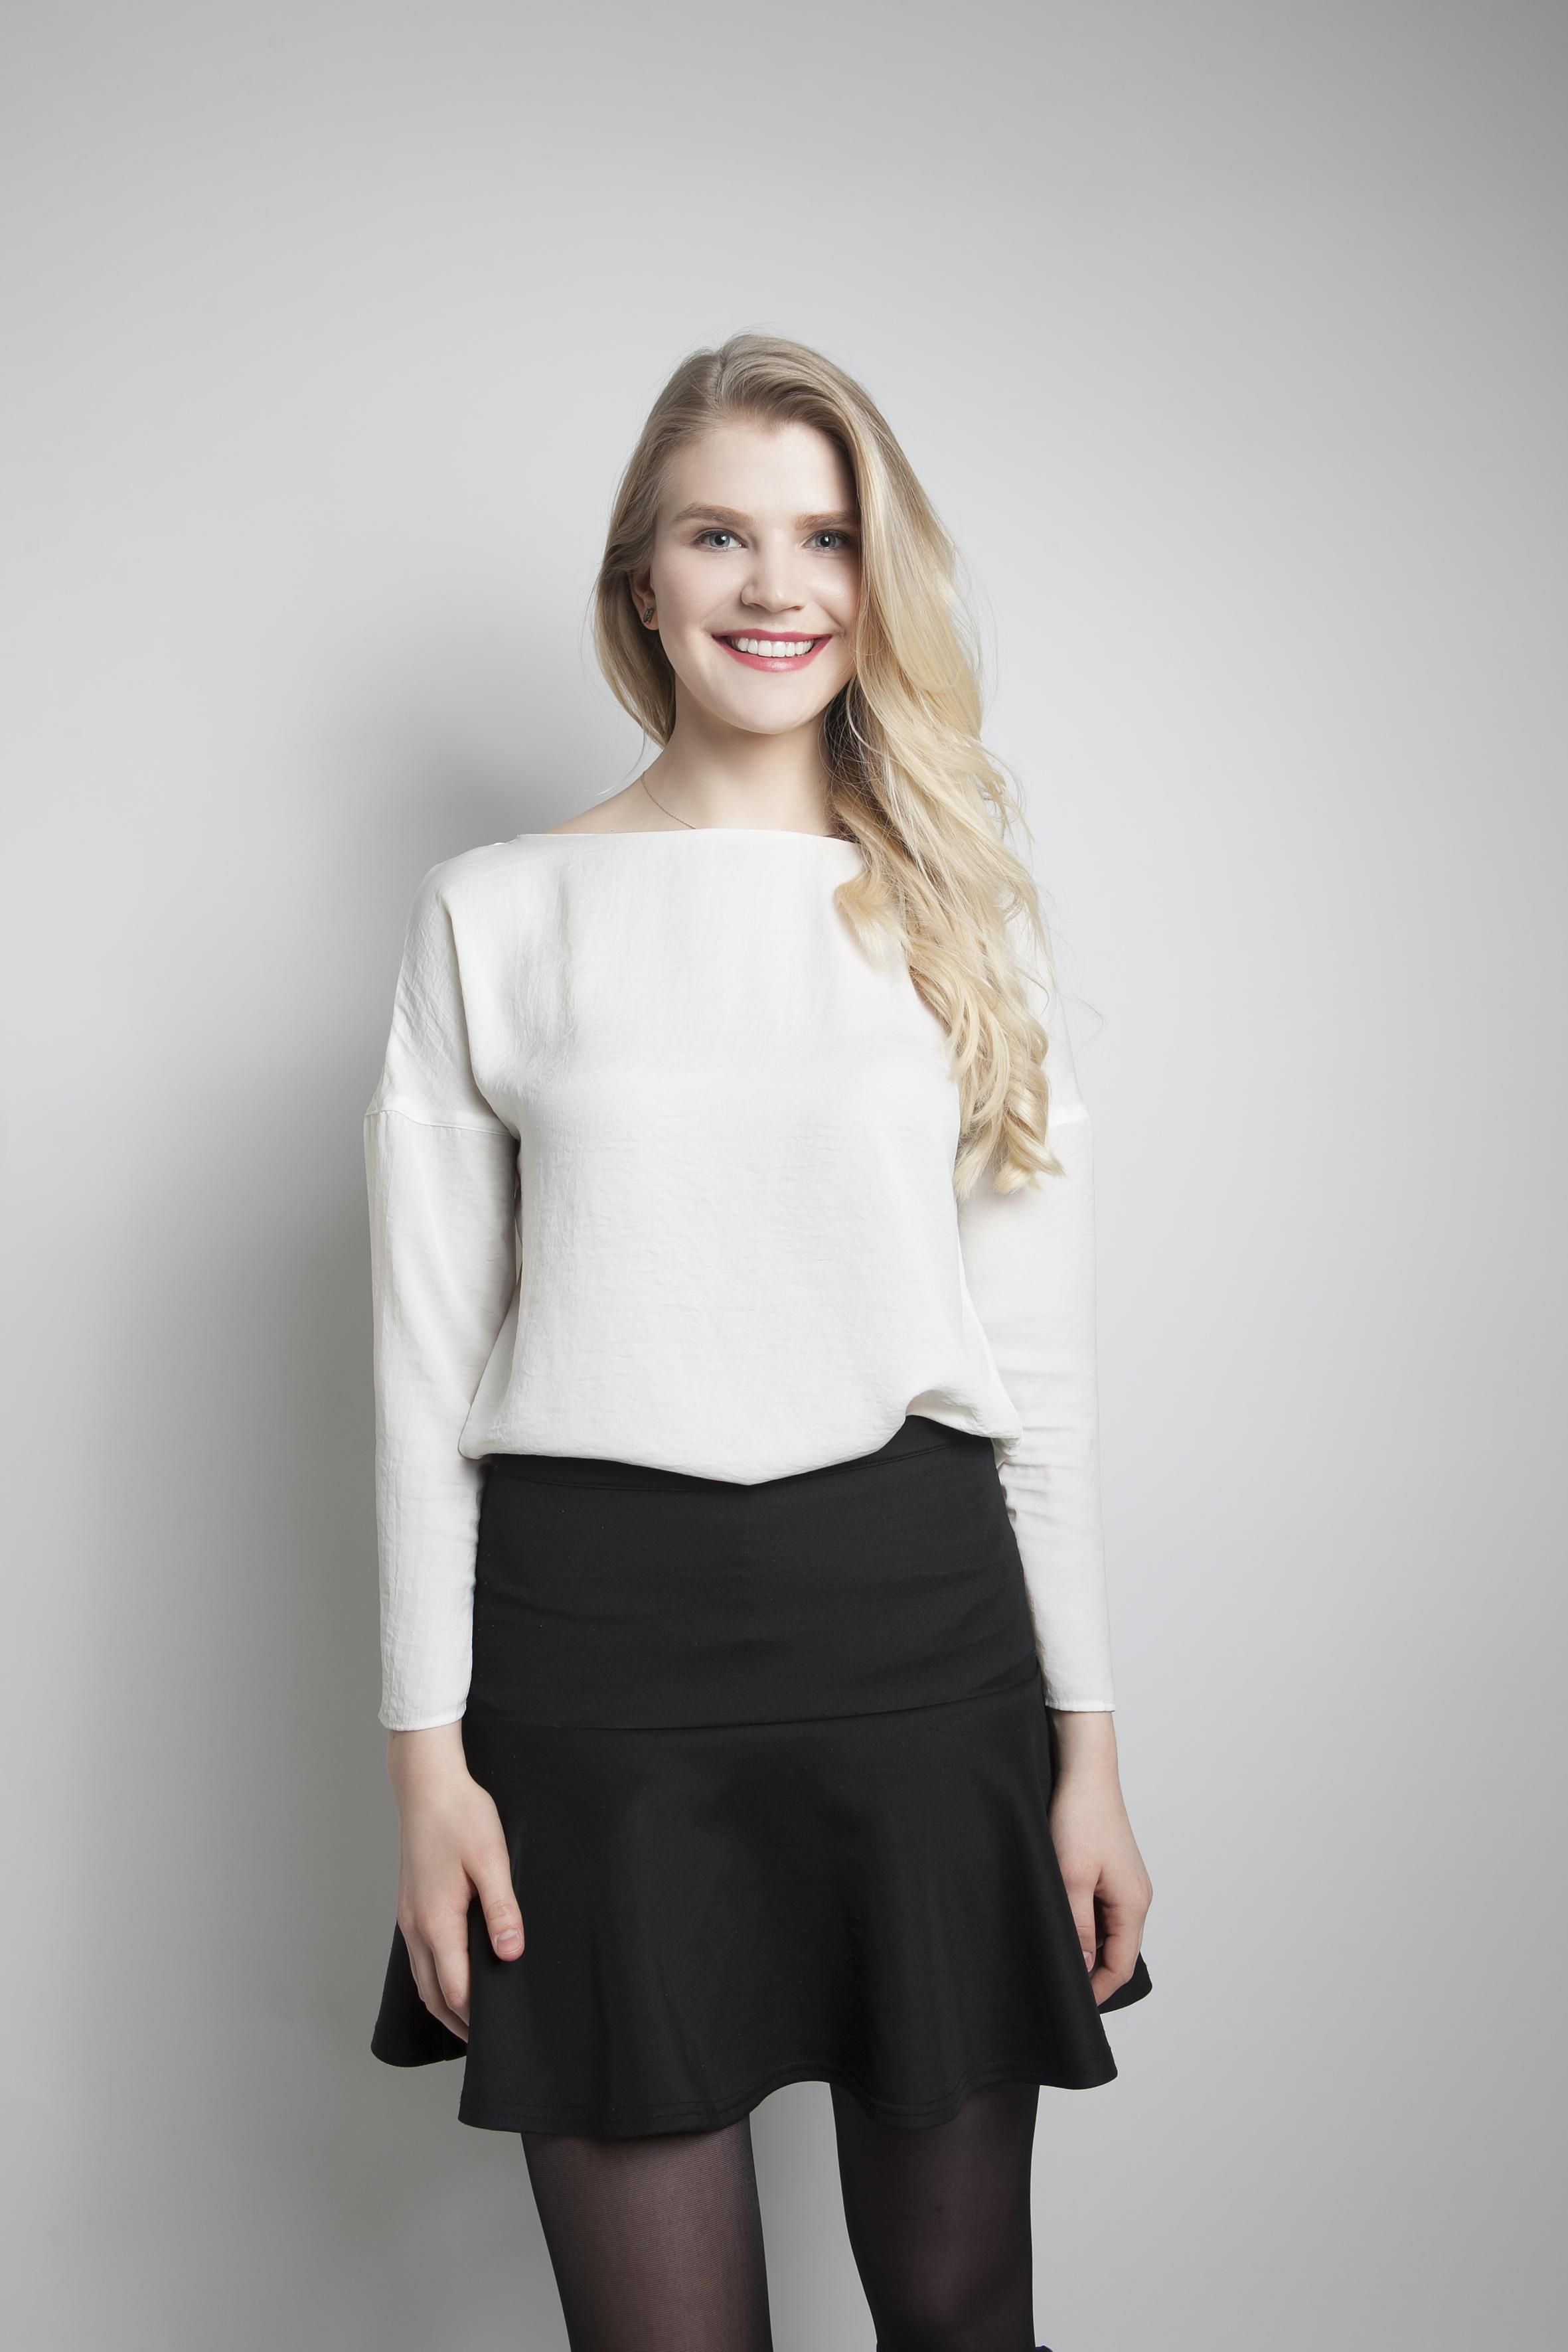 Emily Behrends